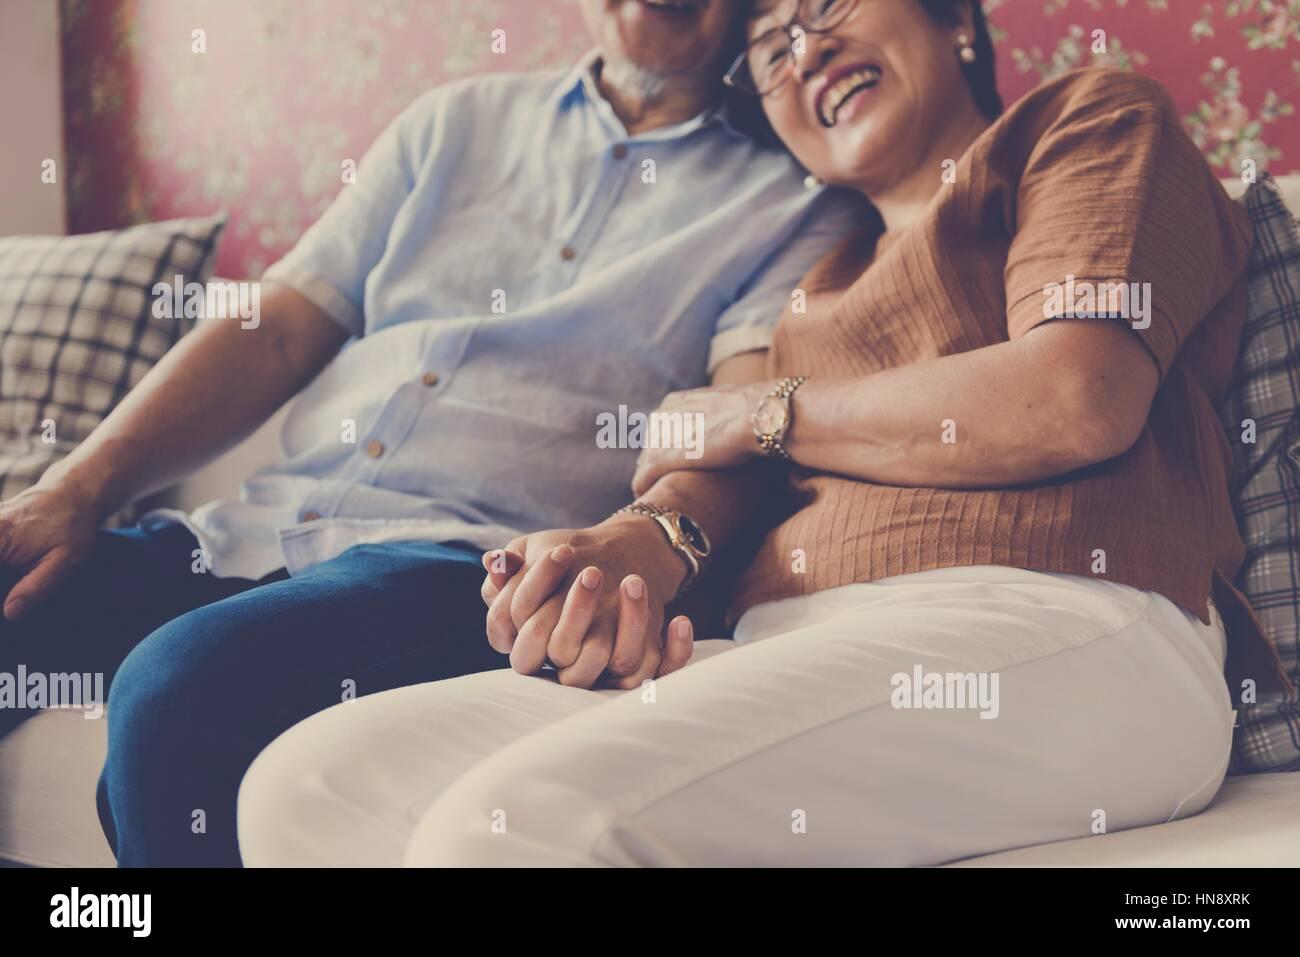 Famiglia Bonding affetto Casuale Relazione Immagini Stock